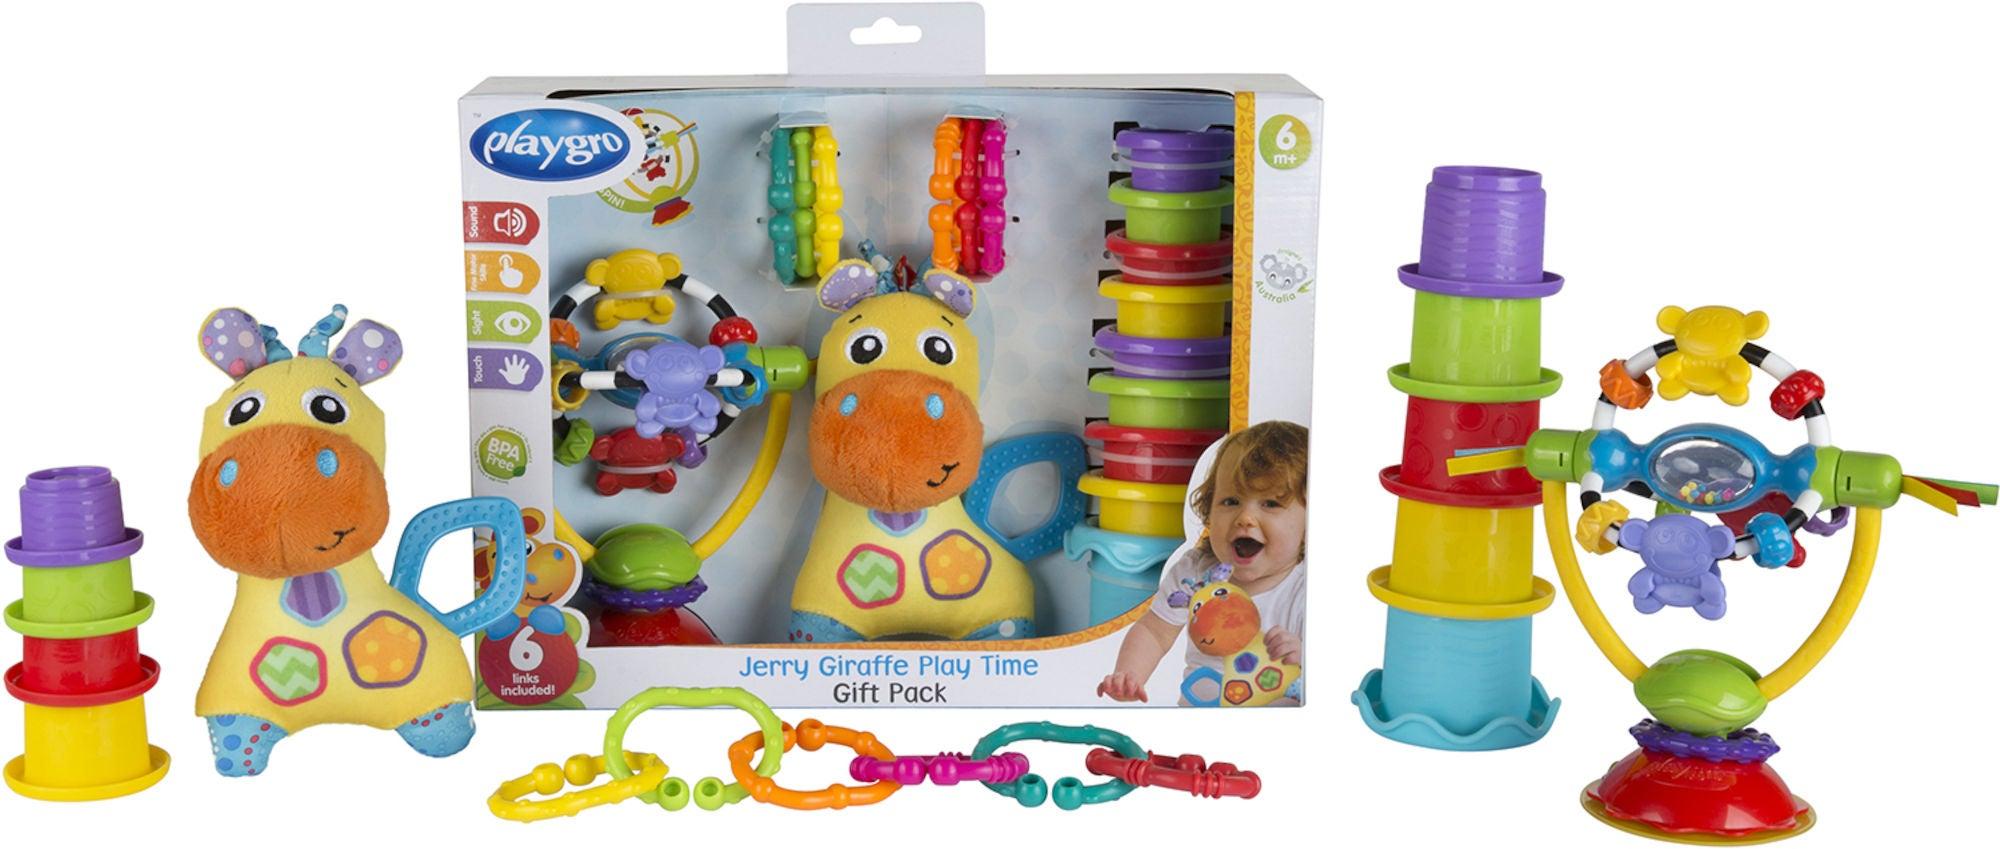 324fec03b44 Aktivitetsleksaker | Stimulerande leksaker för baby | Jollyroom